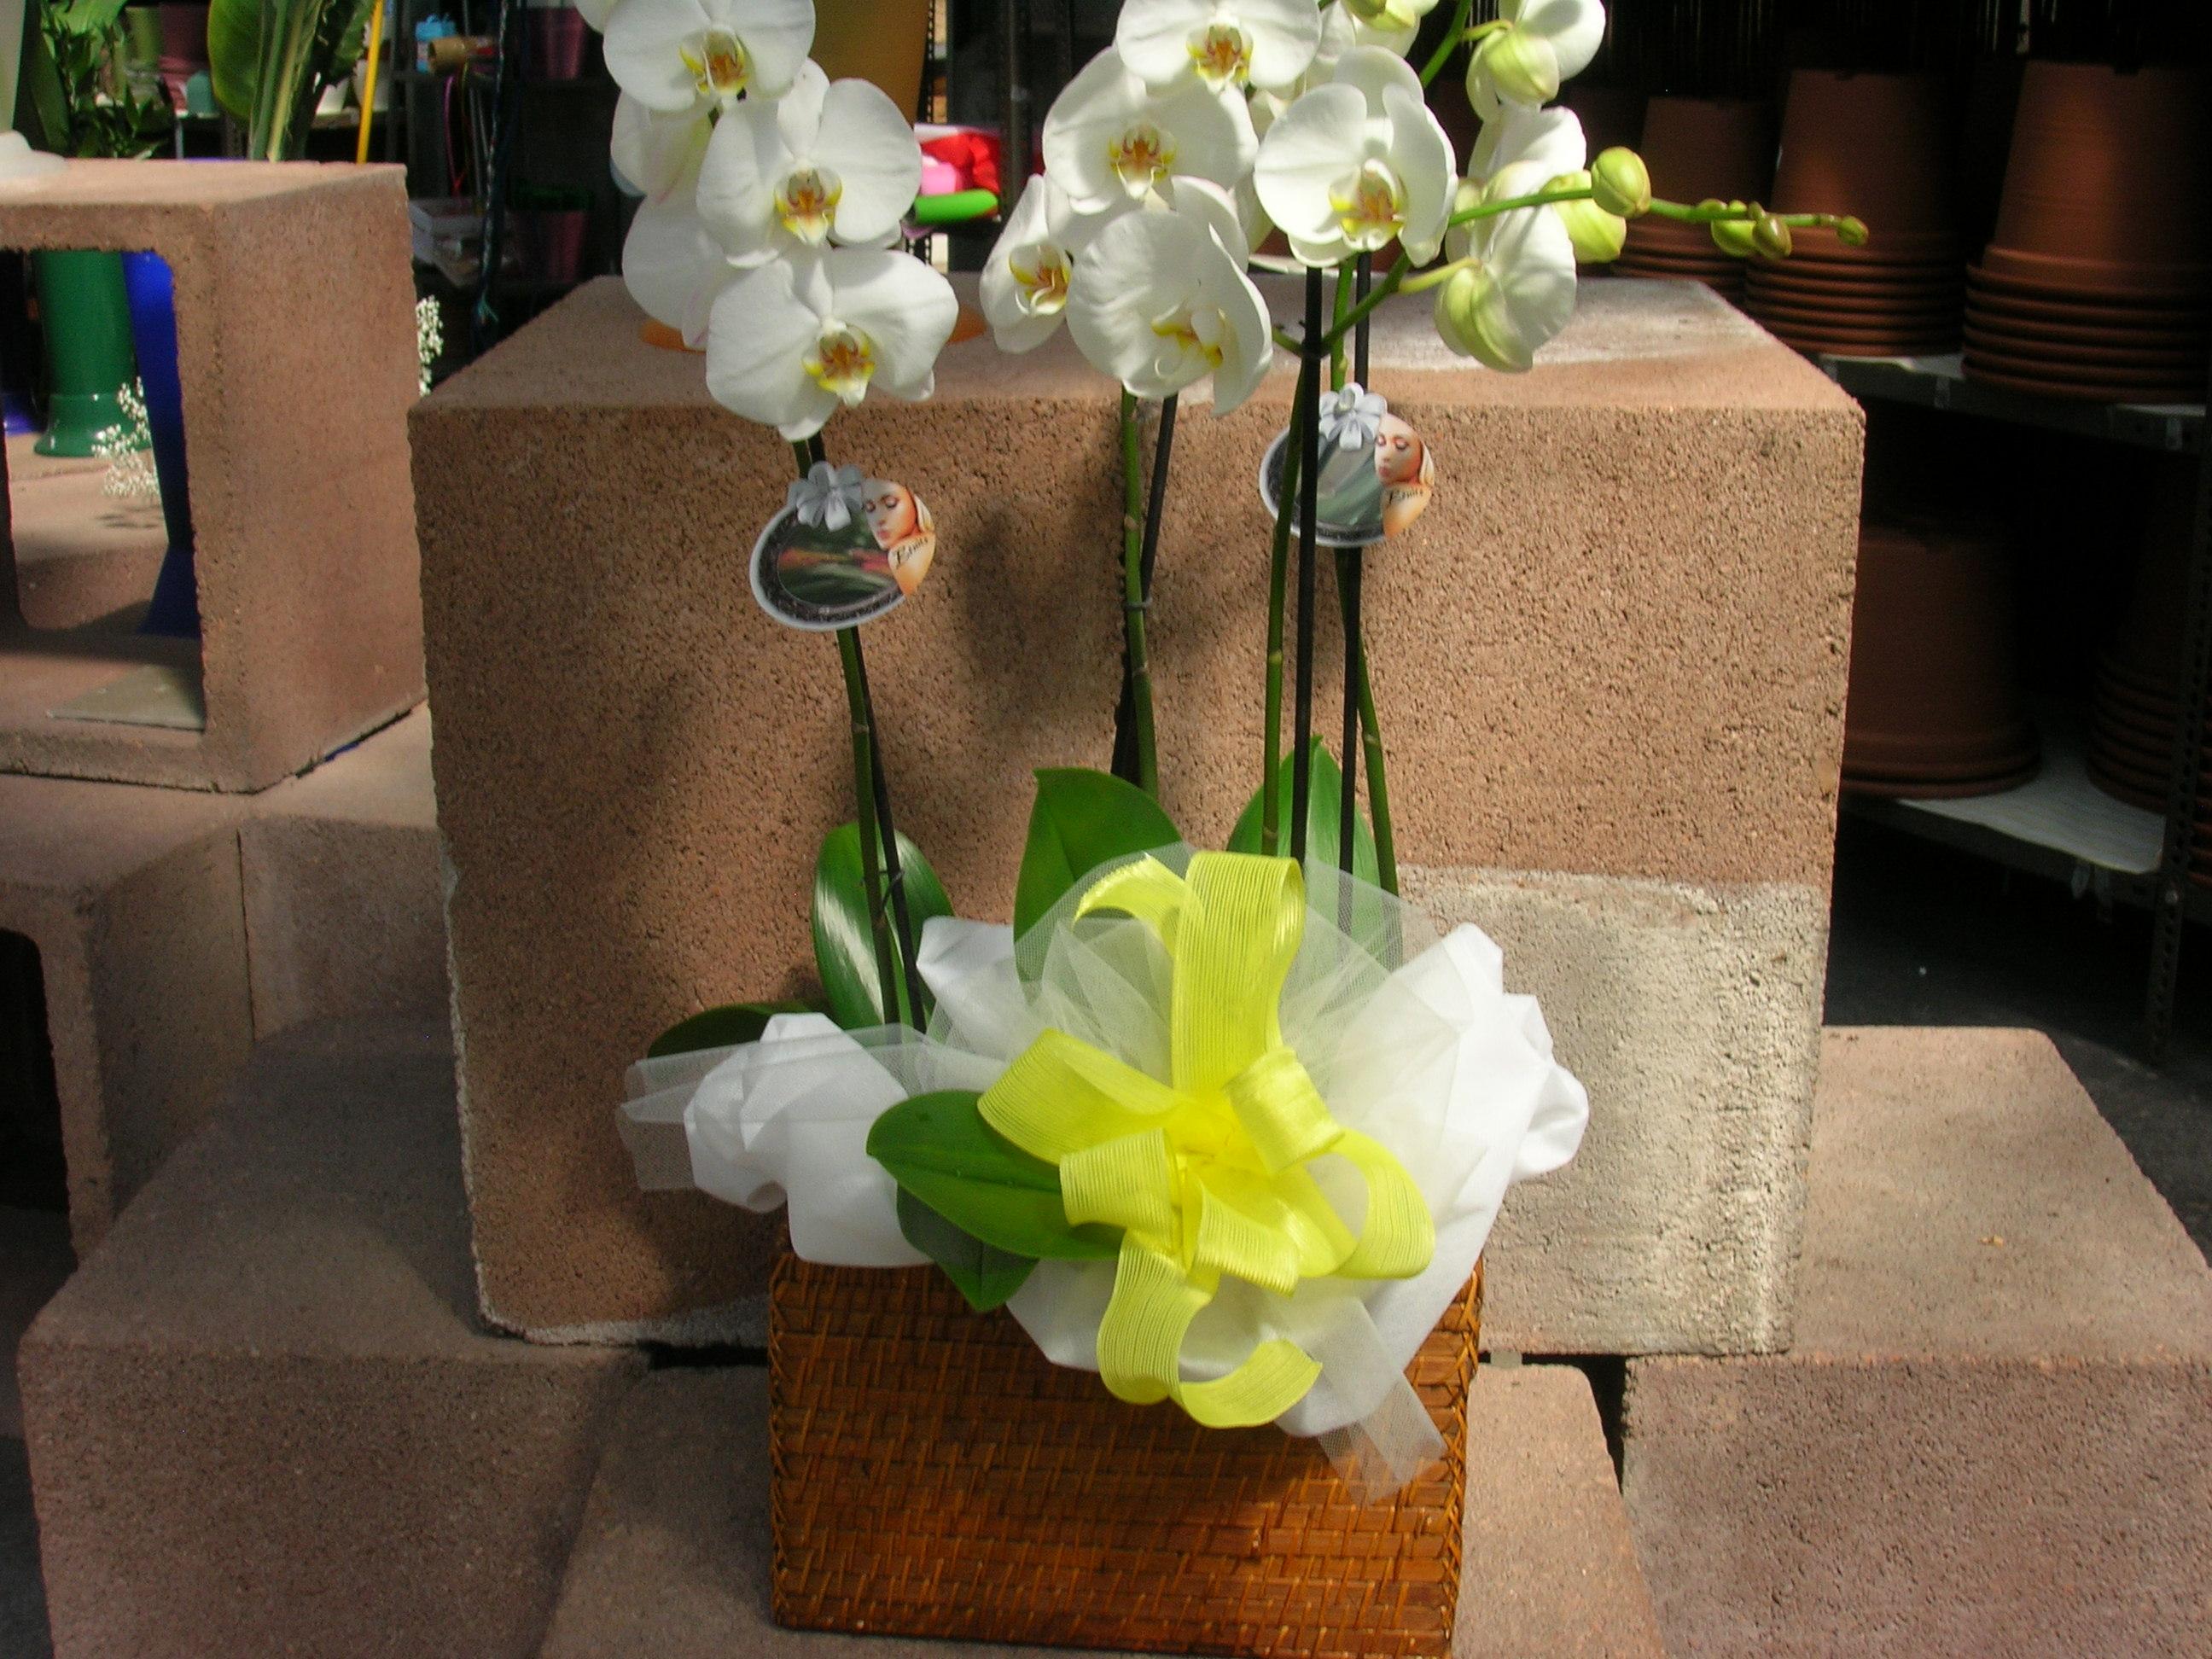 Composizioni regalo con piante e fiori recisi - Piante regalo ...